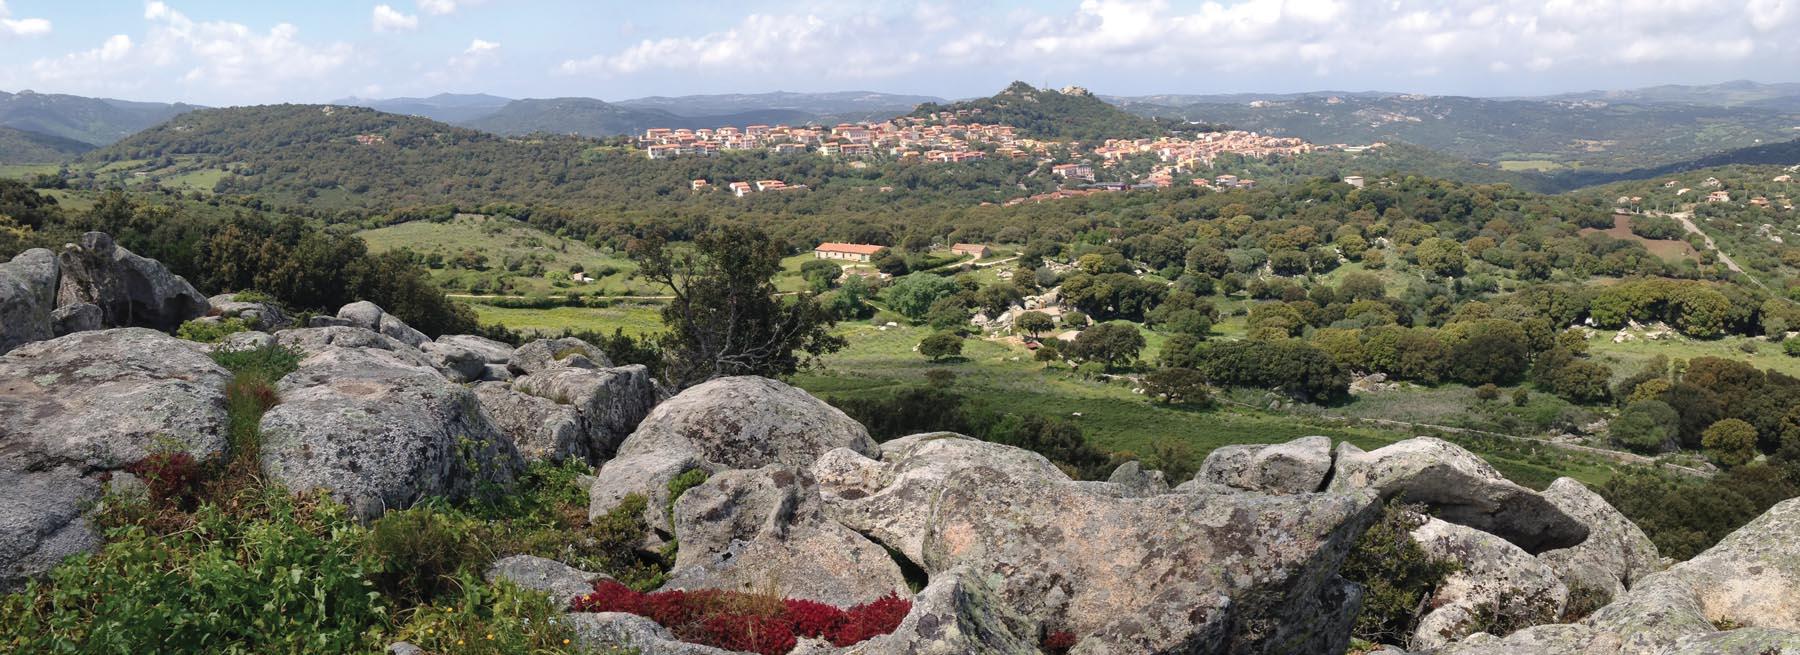 Delphina Mit dem Trenino Verde ins Zentrum der Gallura-Region  Sardinien - Italien